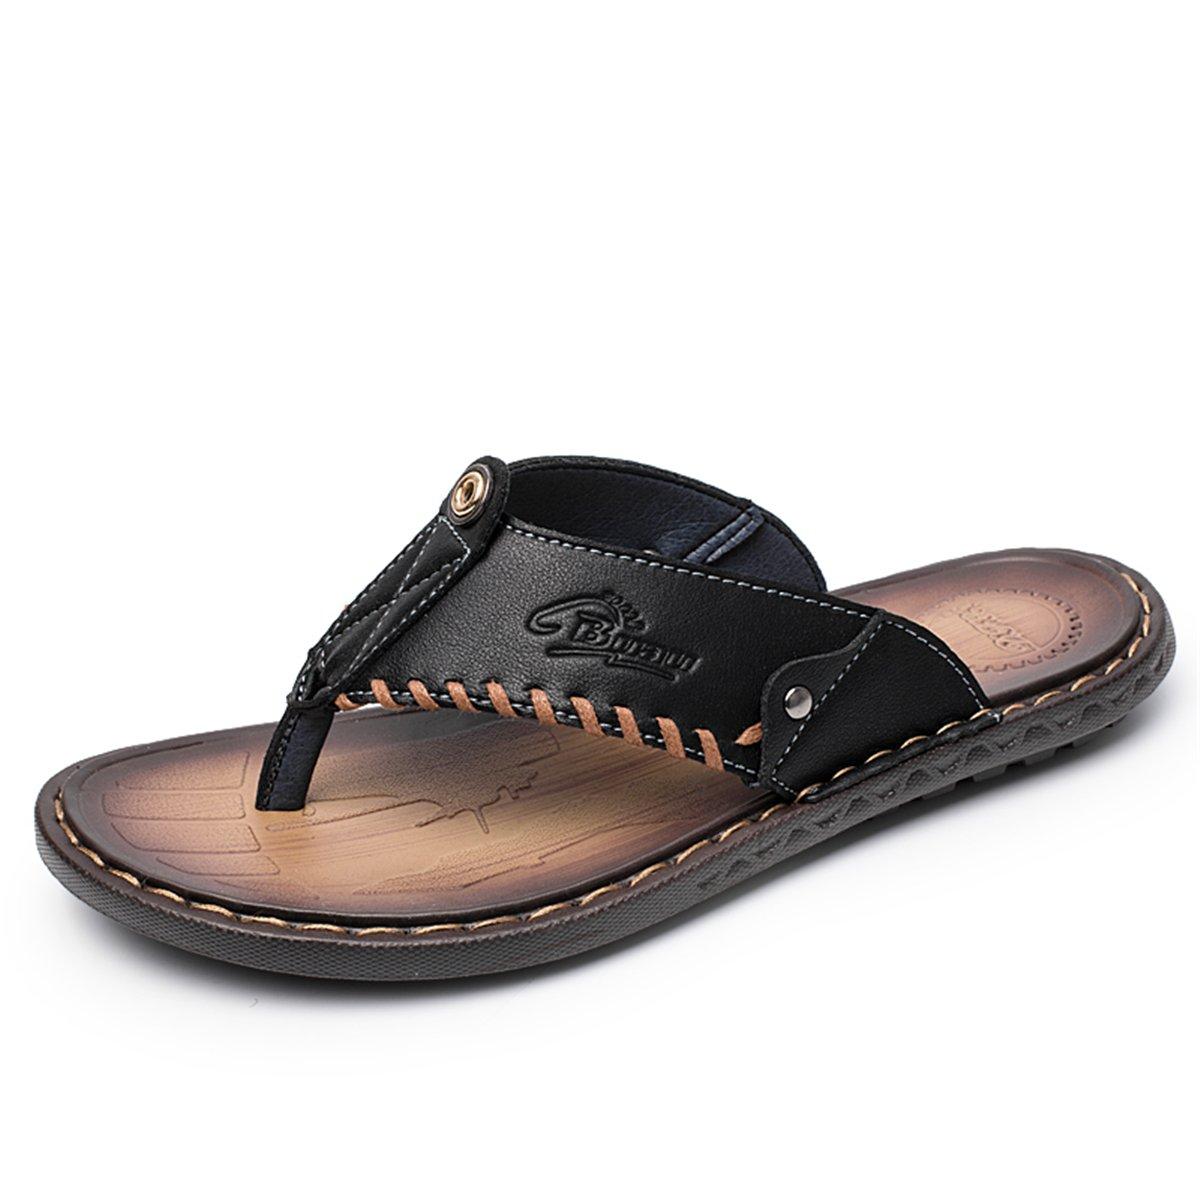 Gracosy Flip Flops, Unisex Zehentrenner Flache Hausschuhe Pantoletten Sommer Schuhe Slippers Weich Anti-Rutsch T-Strap Sandalen fuuml;r Herren Damenr  45 EU|Schwarz-d